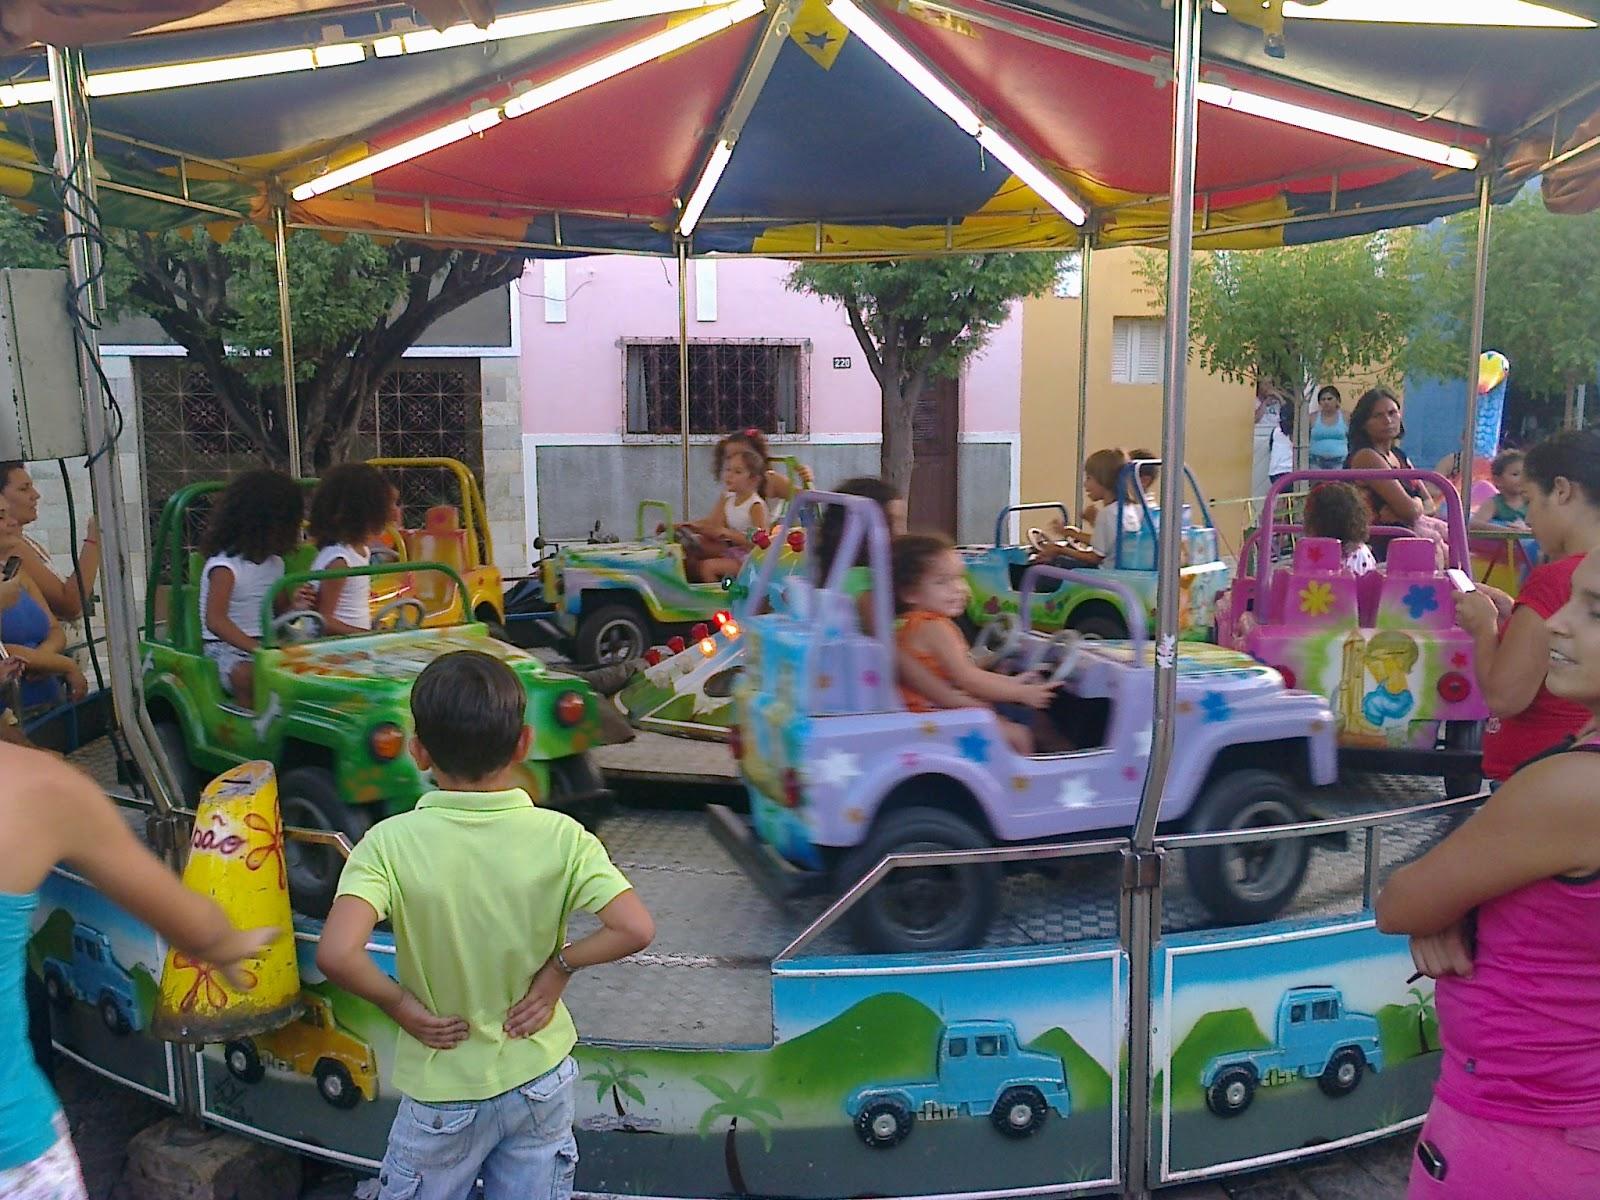 Crianças Se Divertindo No Parque: O Diário Do PETI * *: Dia Das Crianças No Parque De